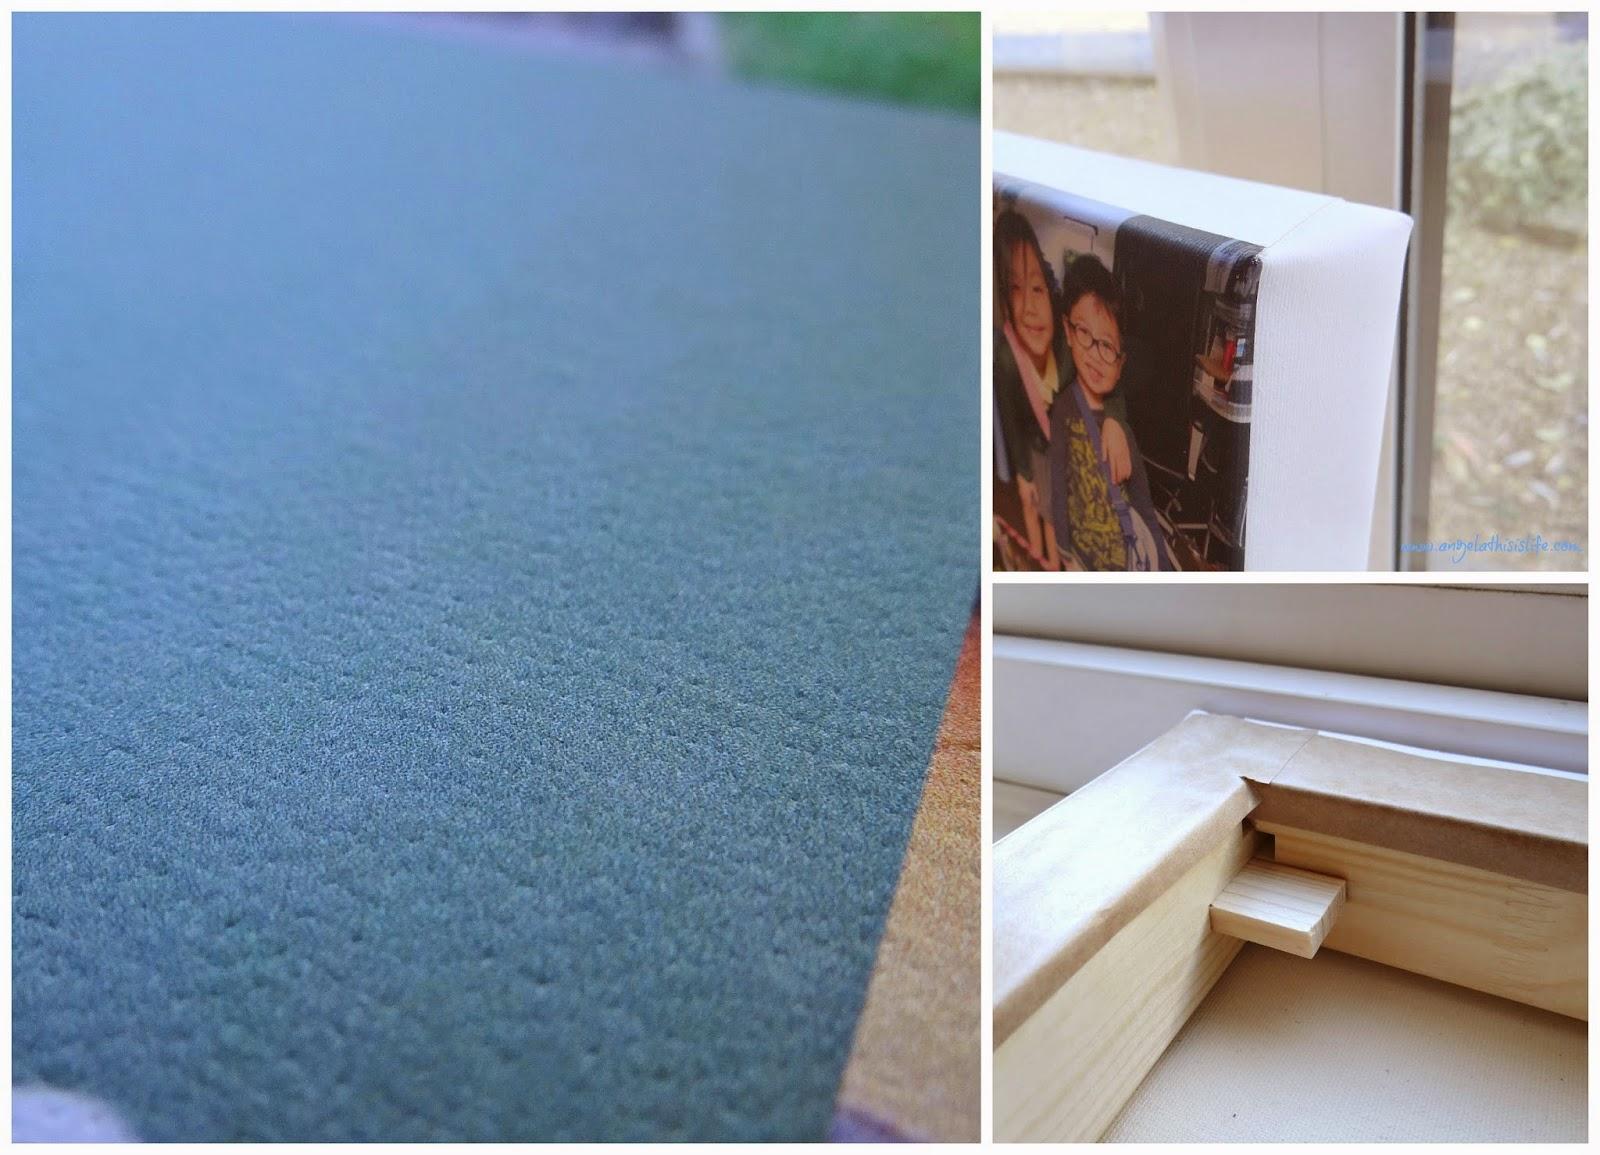 Photobox photobook, Photobox Canvas, Panasonic TZ55 pictures printed